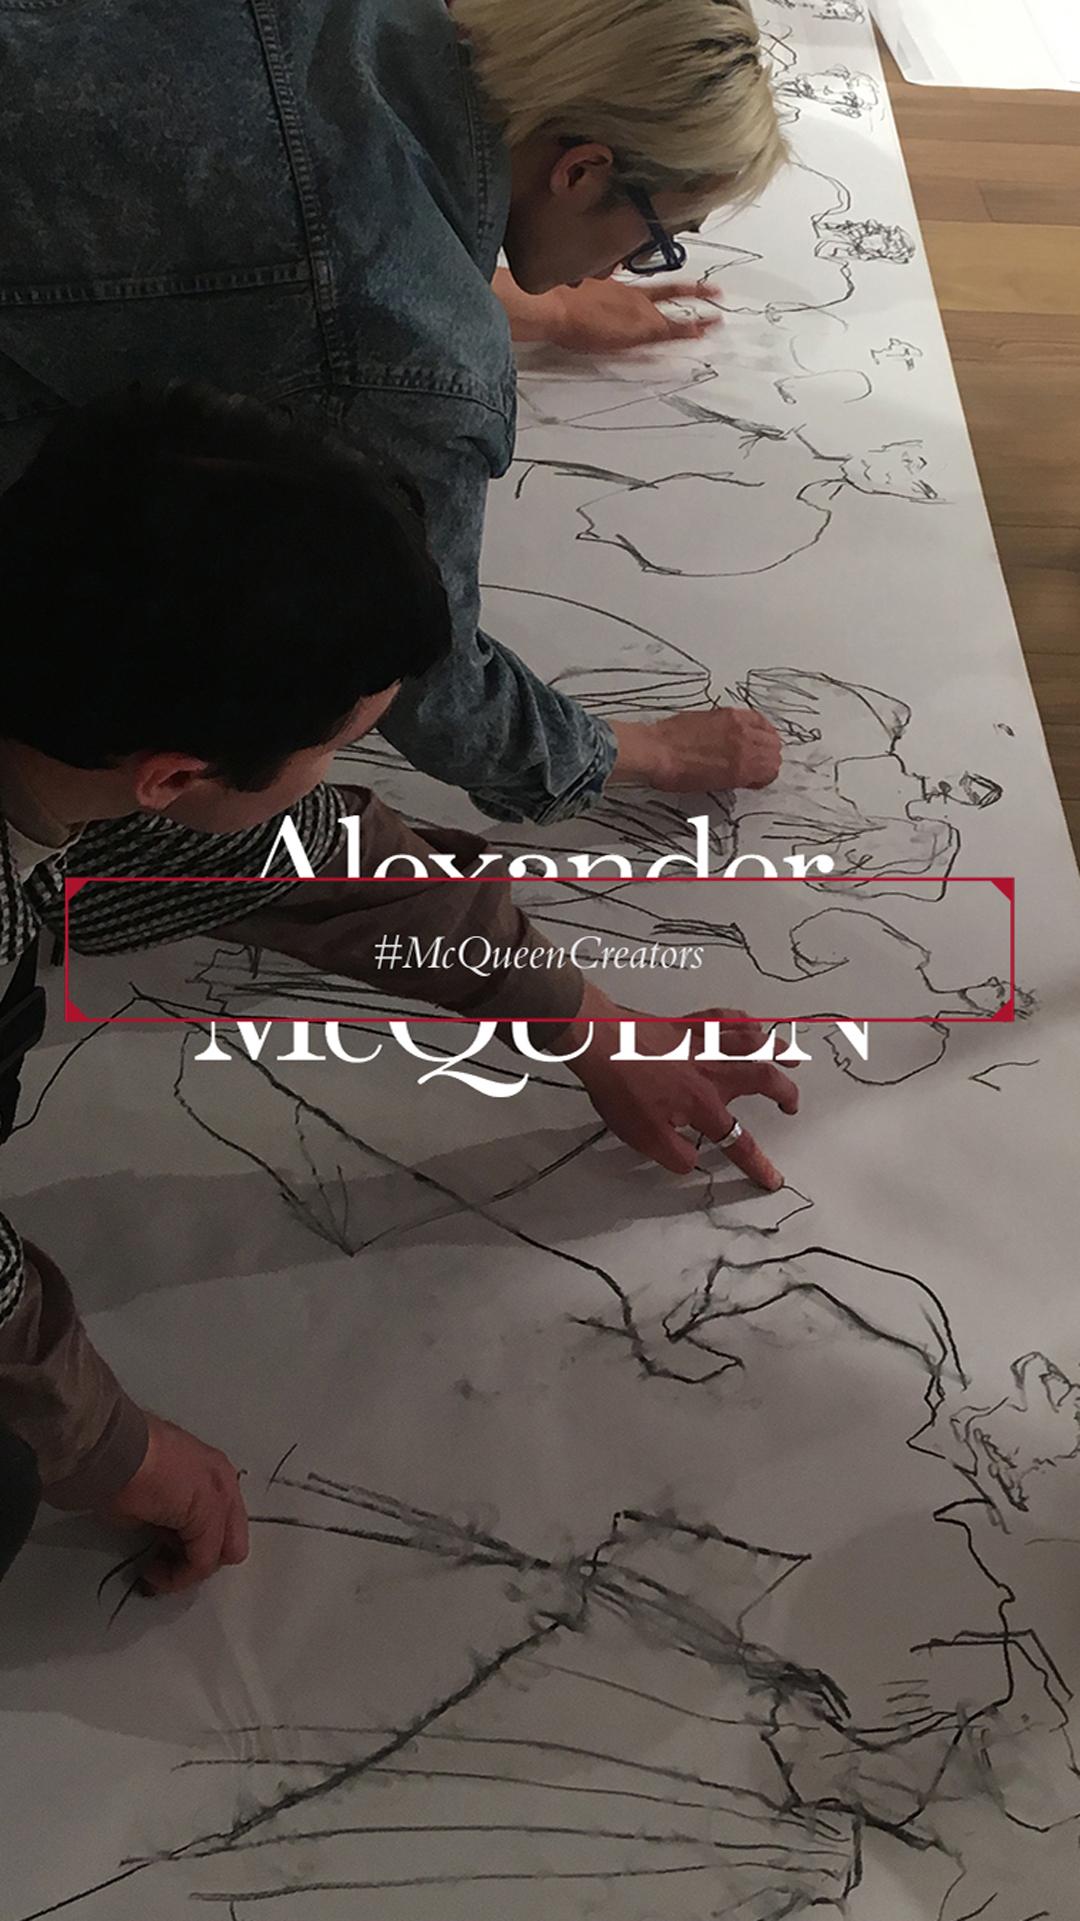 Alexander McQueen Creative Community